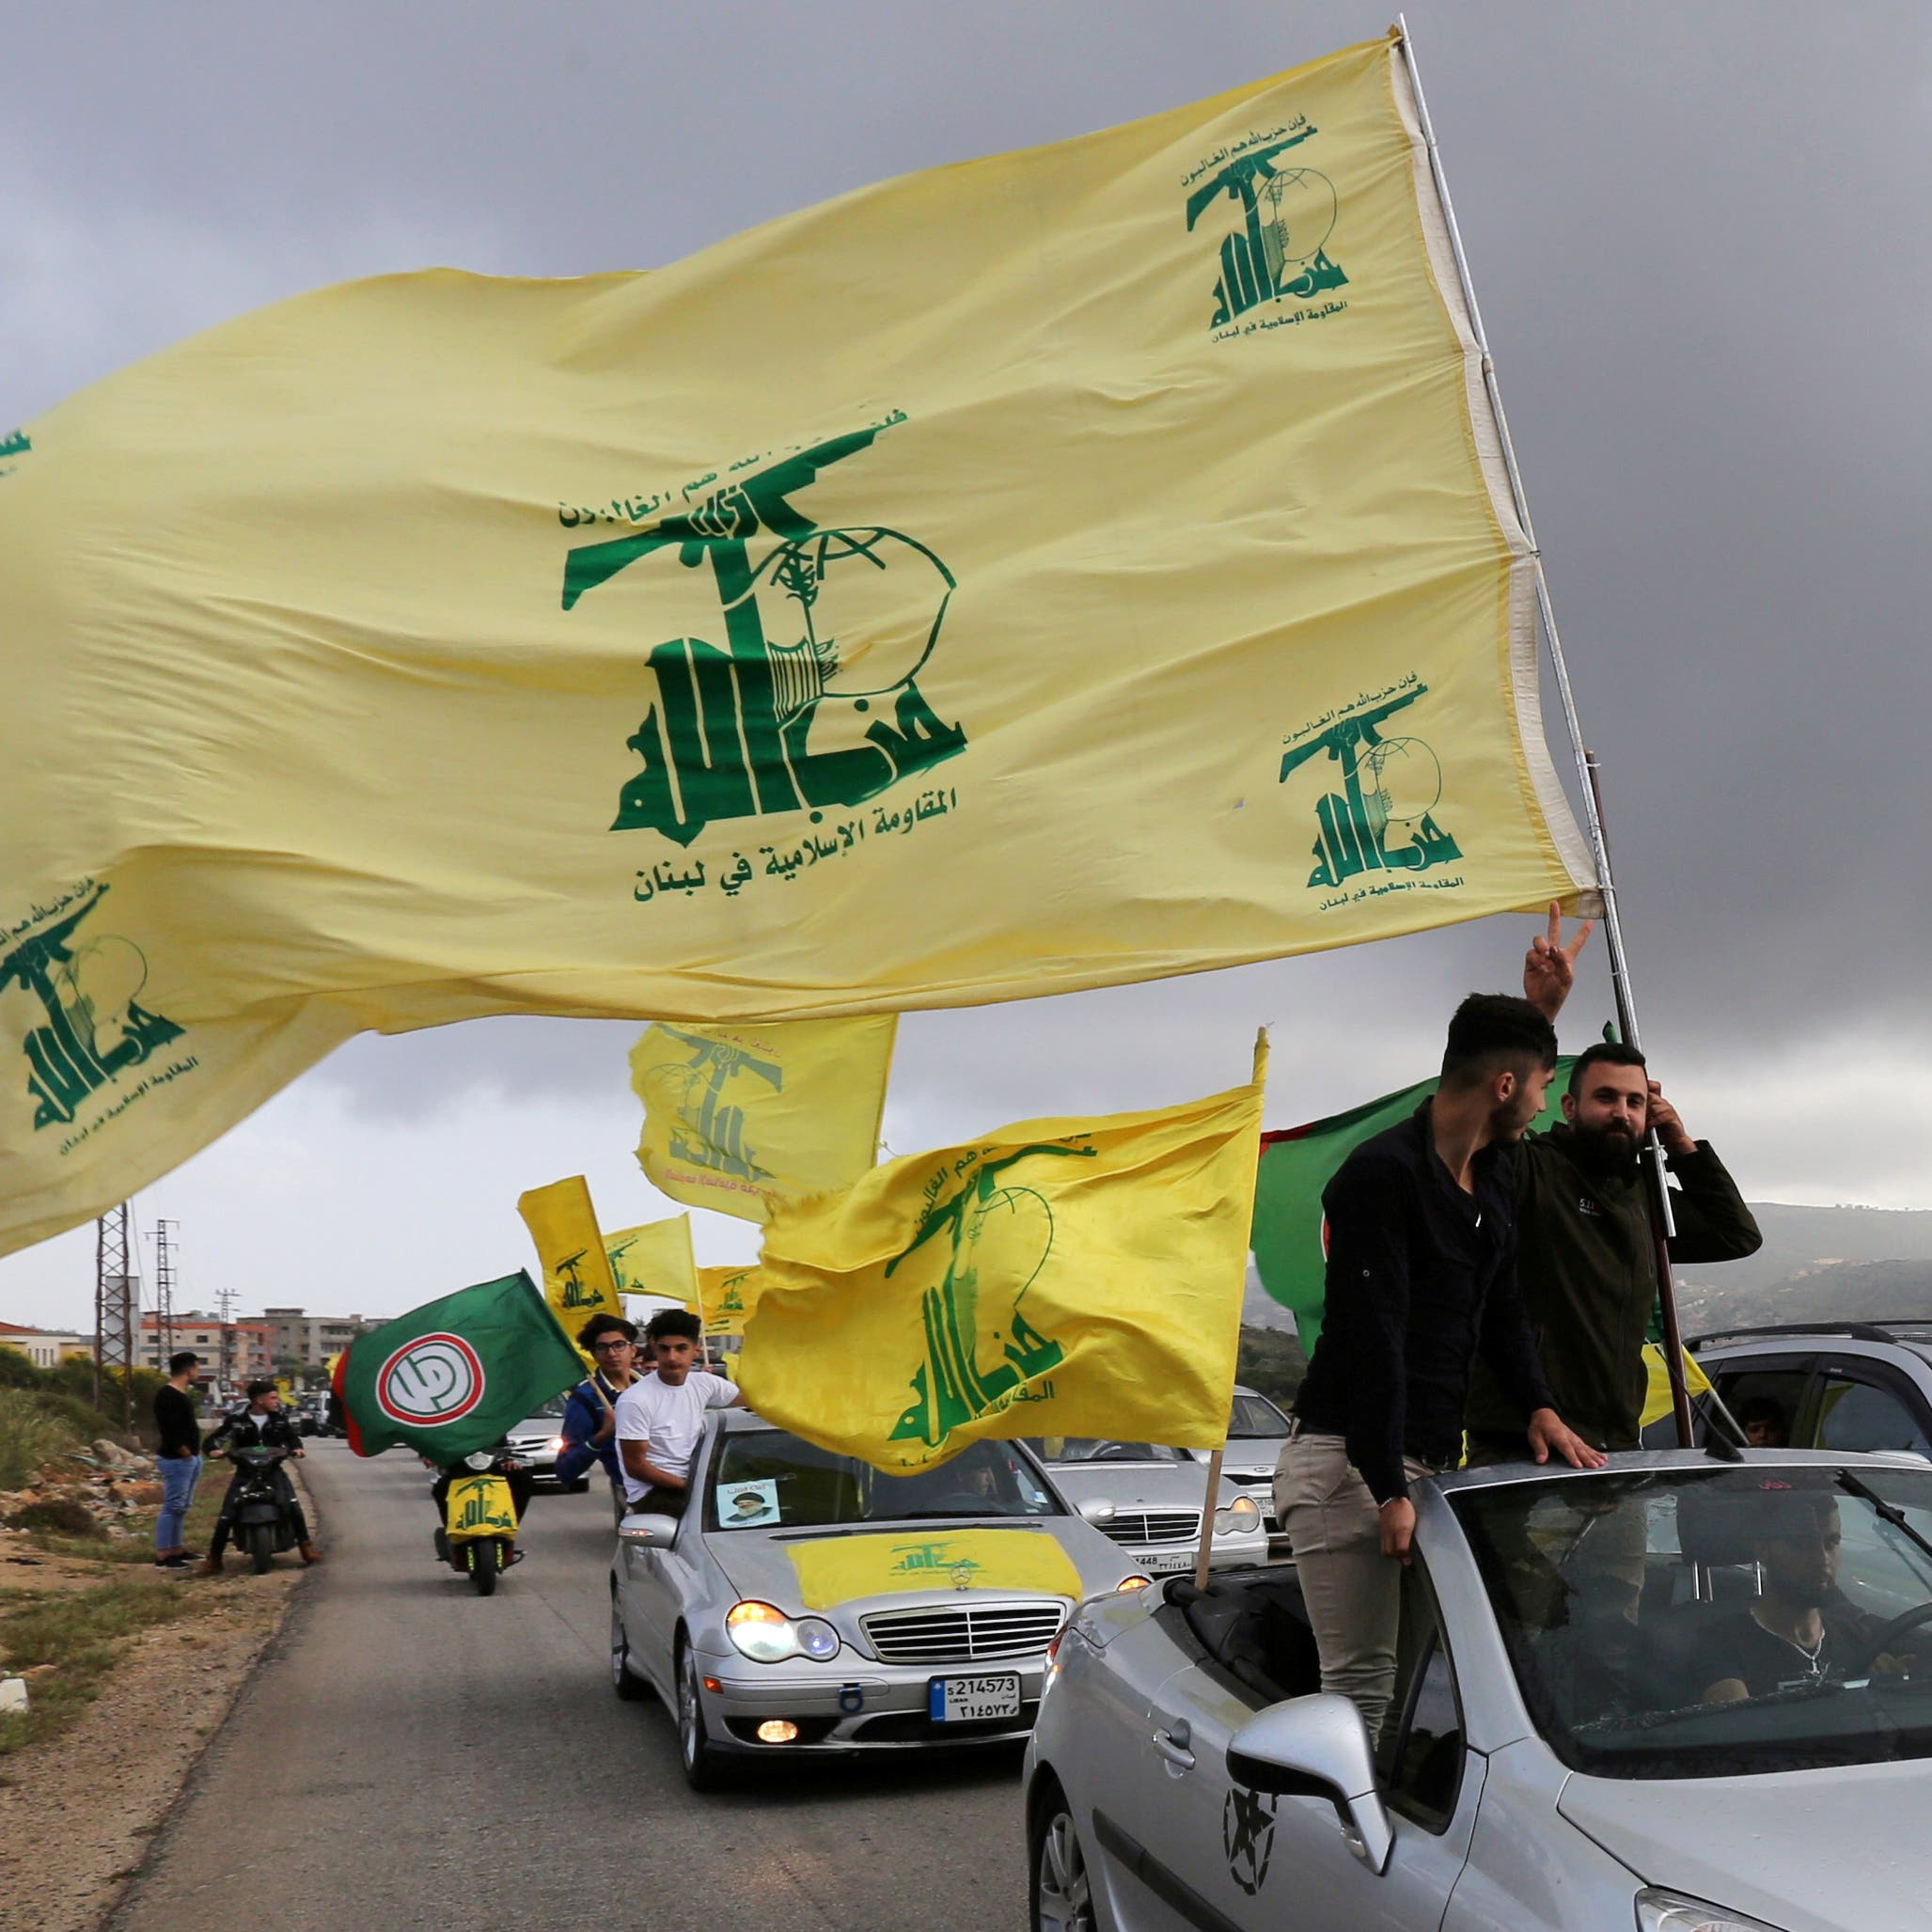 معهد الدفاع عن الديمقراطيات: هذه مصادر تمويل حزب الله